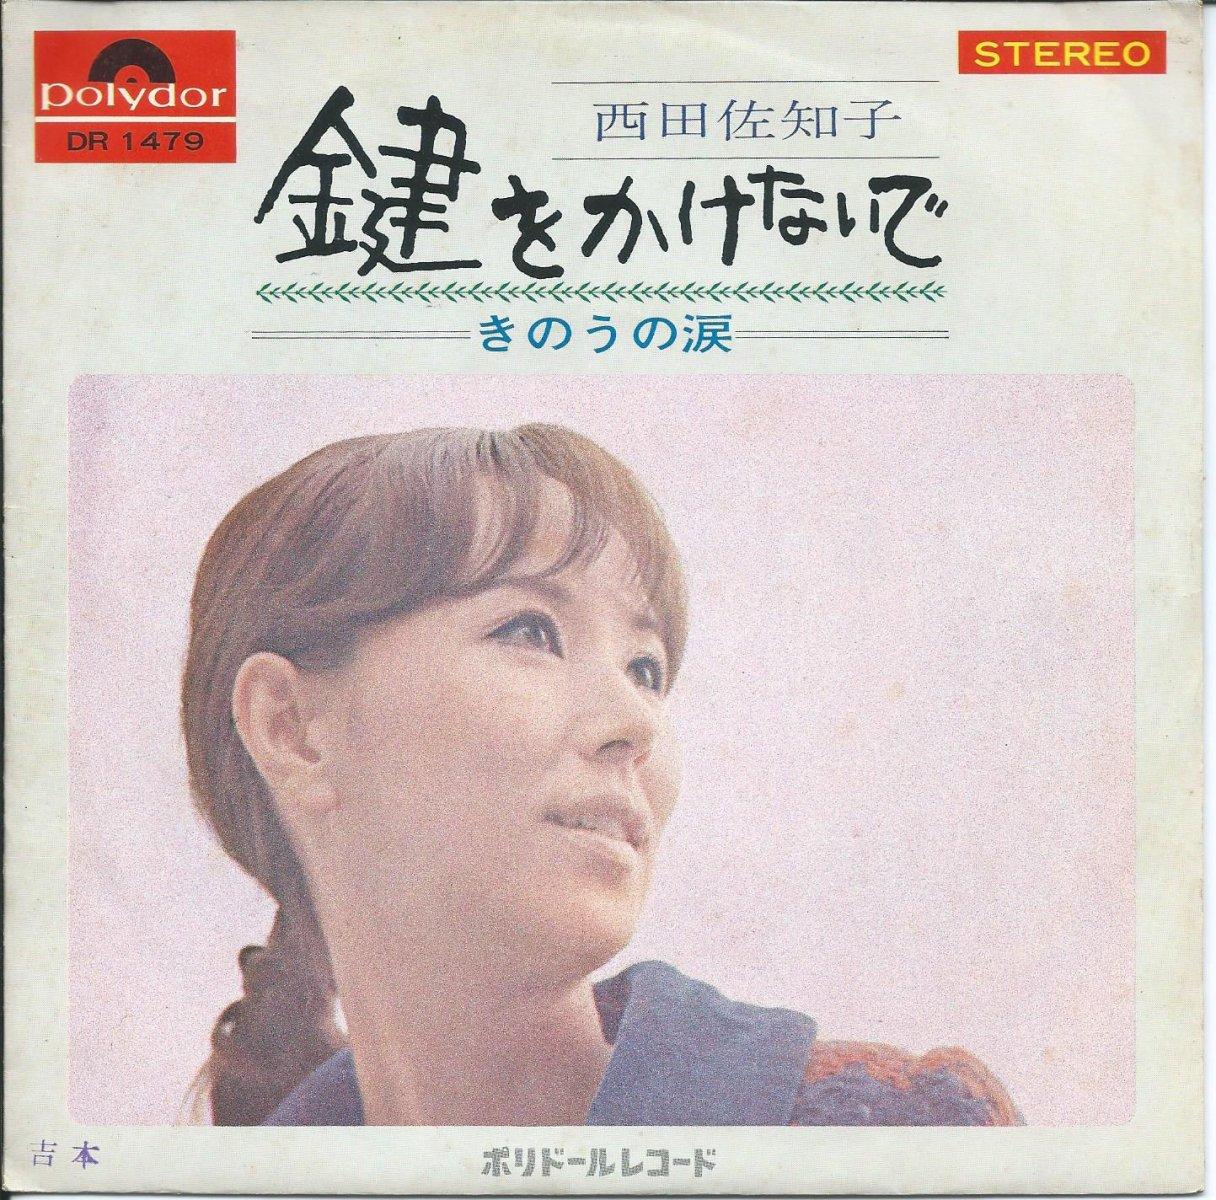 西田佐知子 SACHIKO NISHIDA / 鍵をかけないで (筒美京平) / きのうの涙 (7